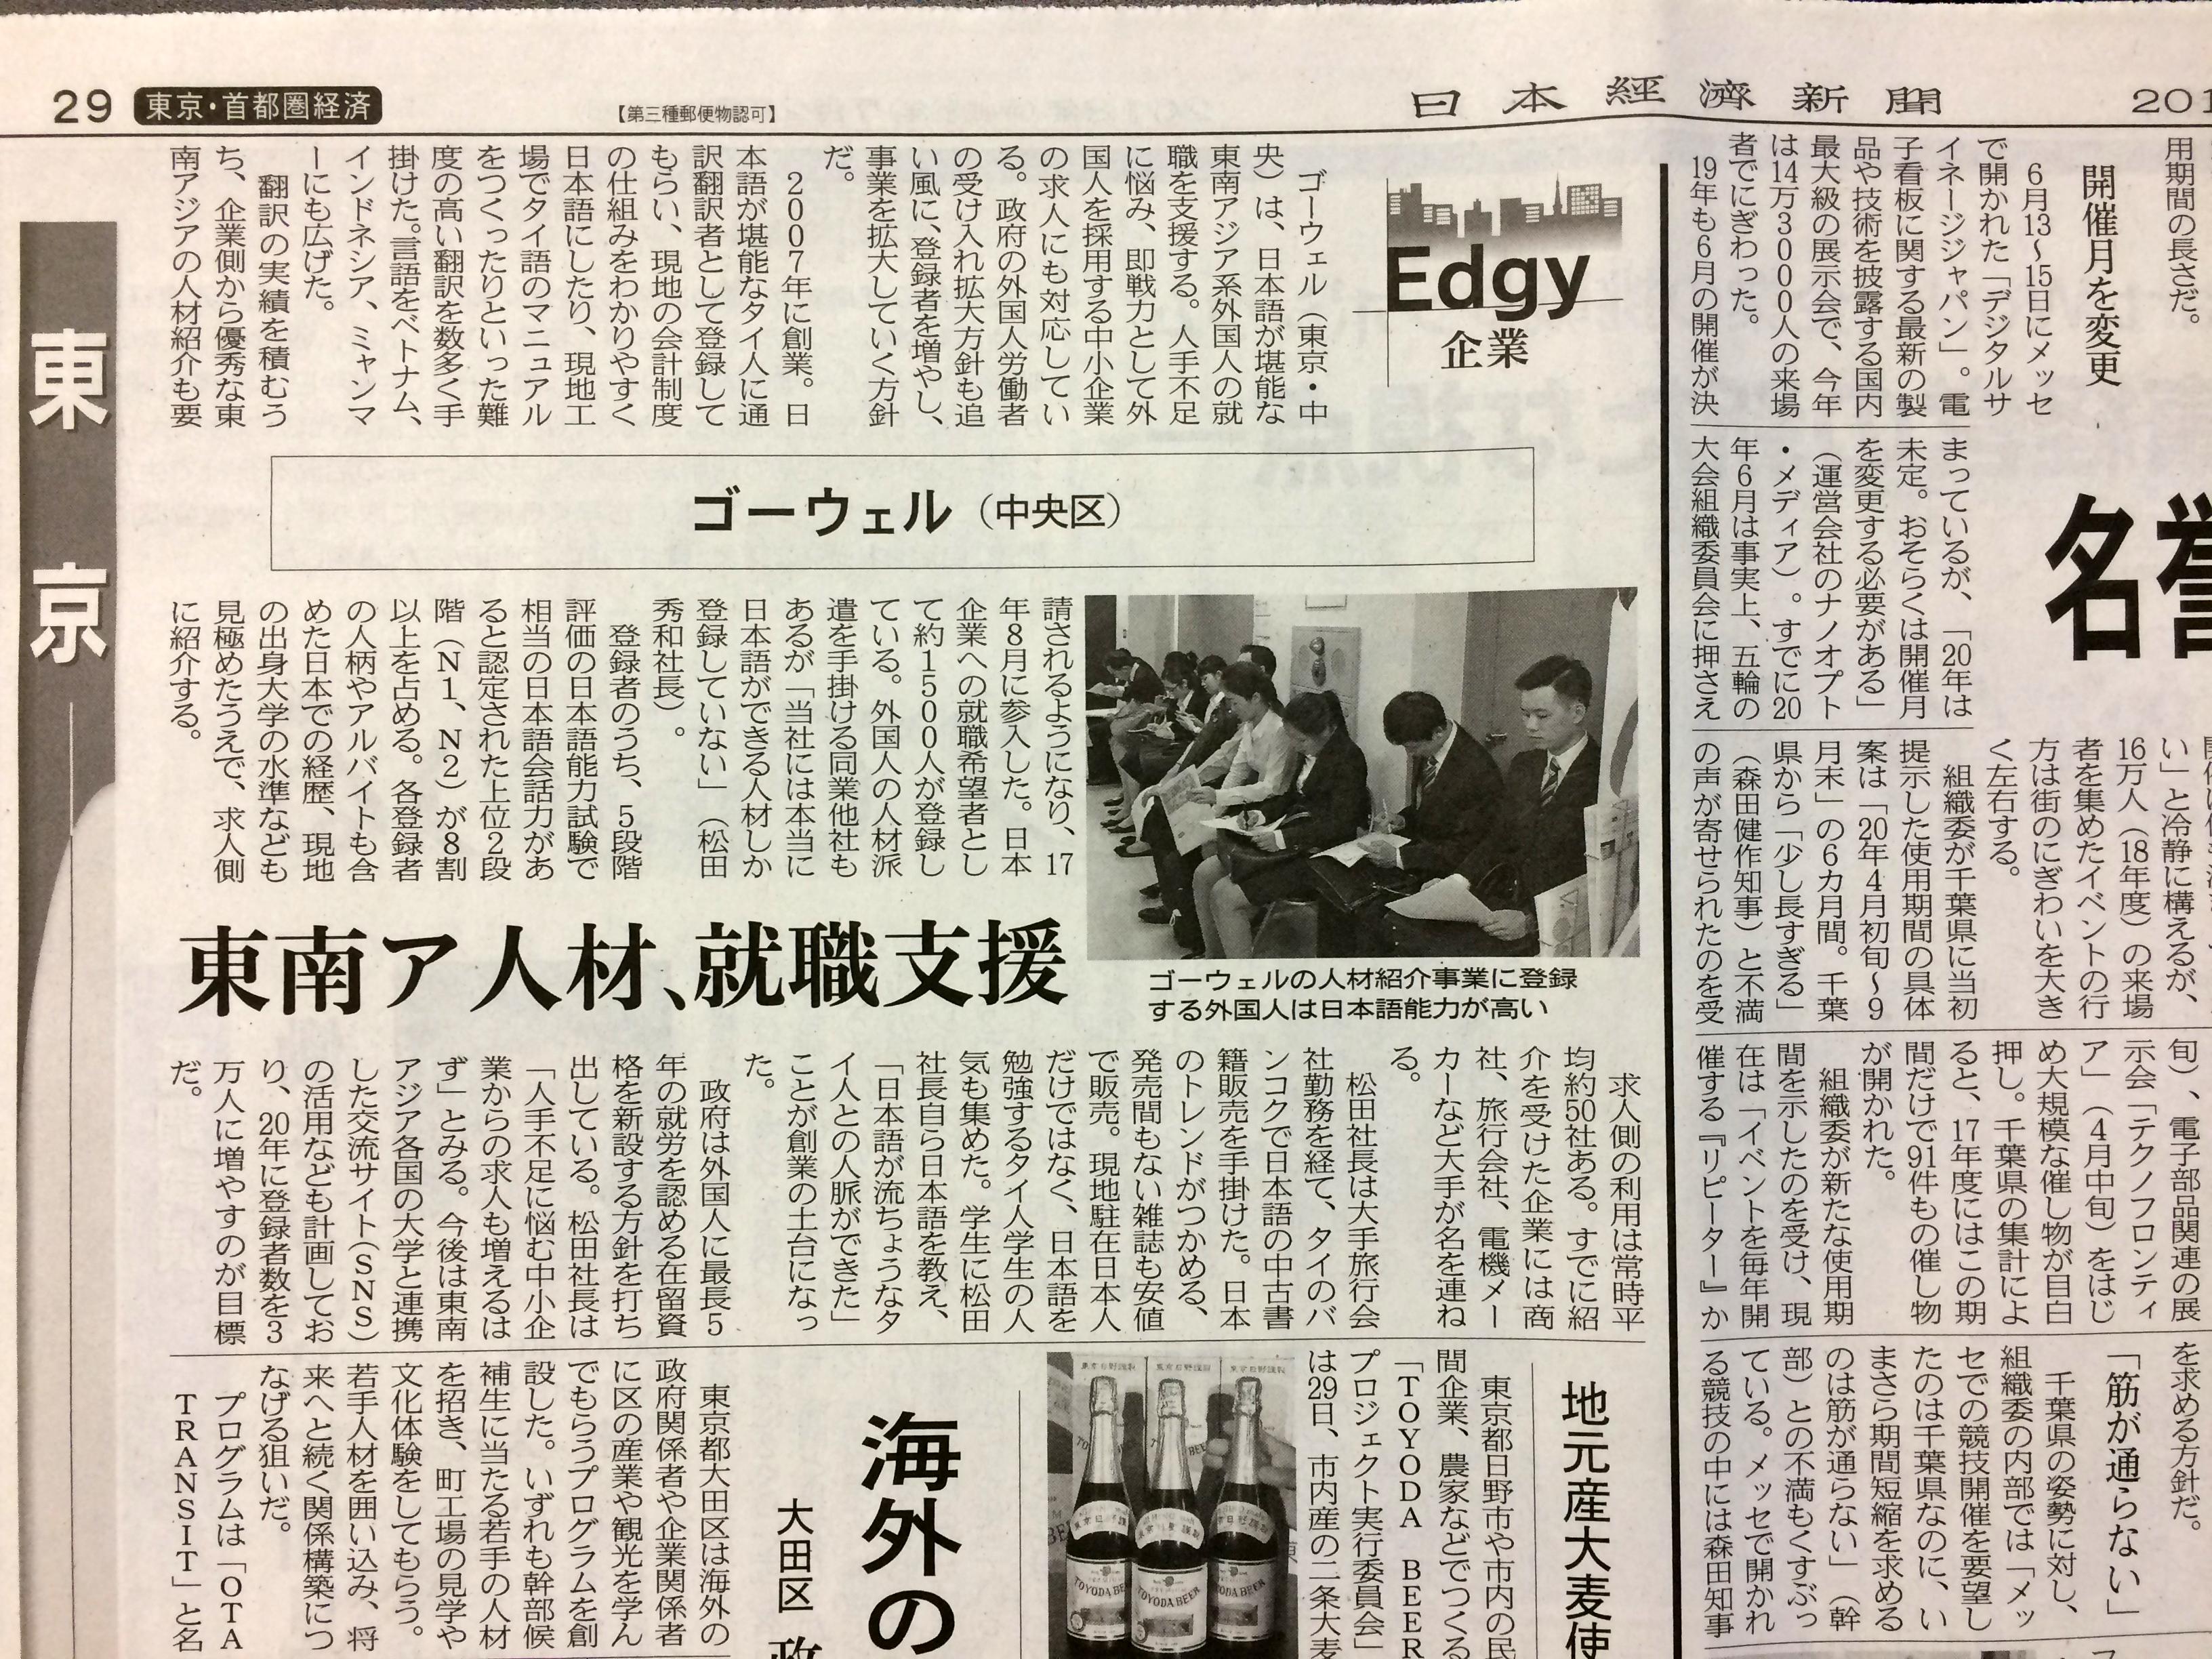 日経新聞 ベトナム語翻訳通訳のゴーウェル